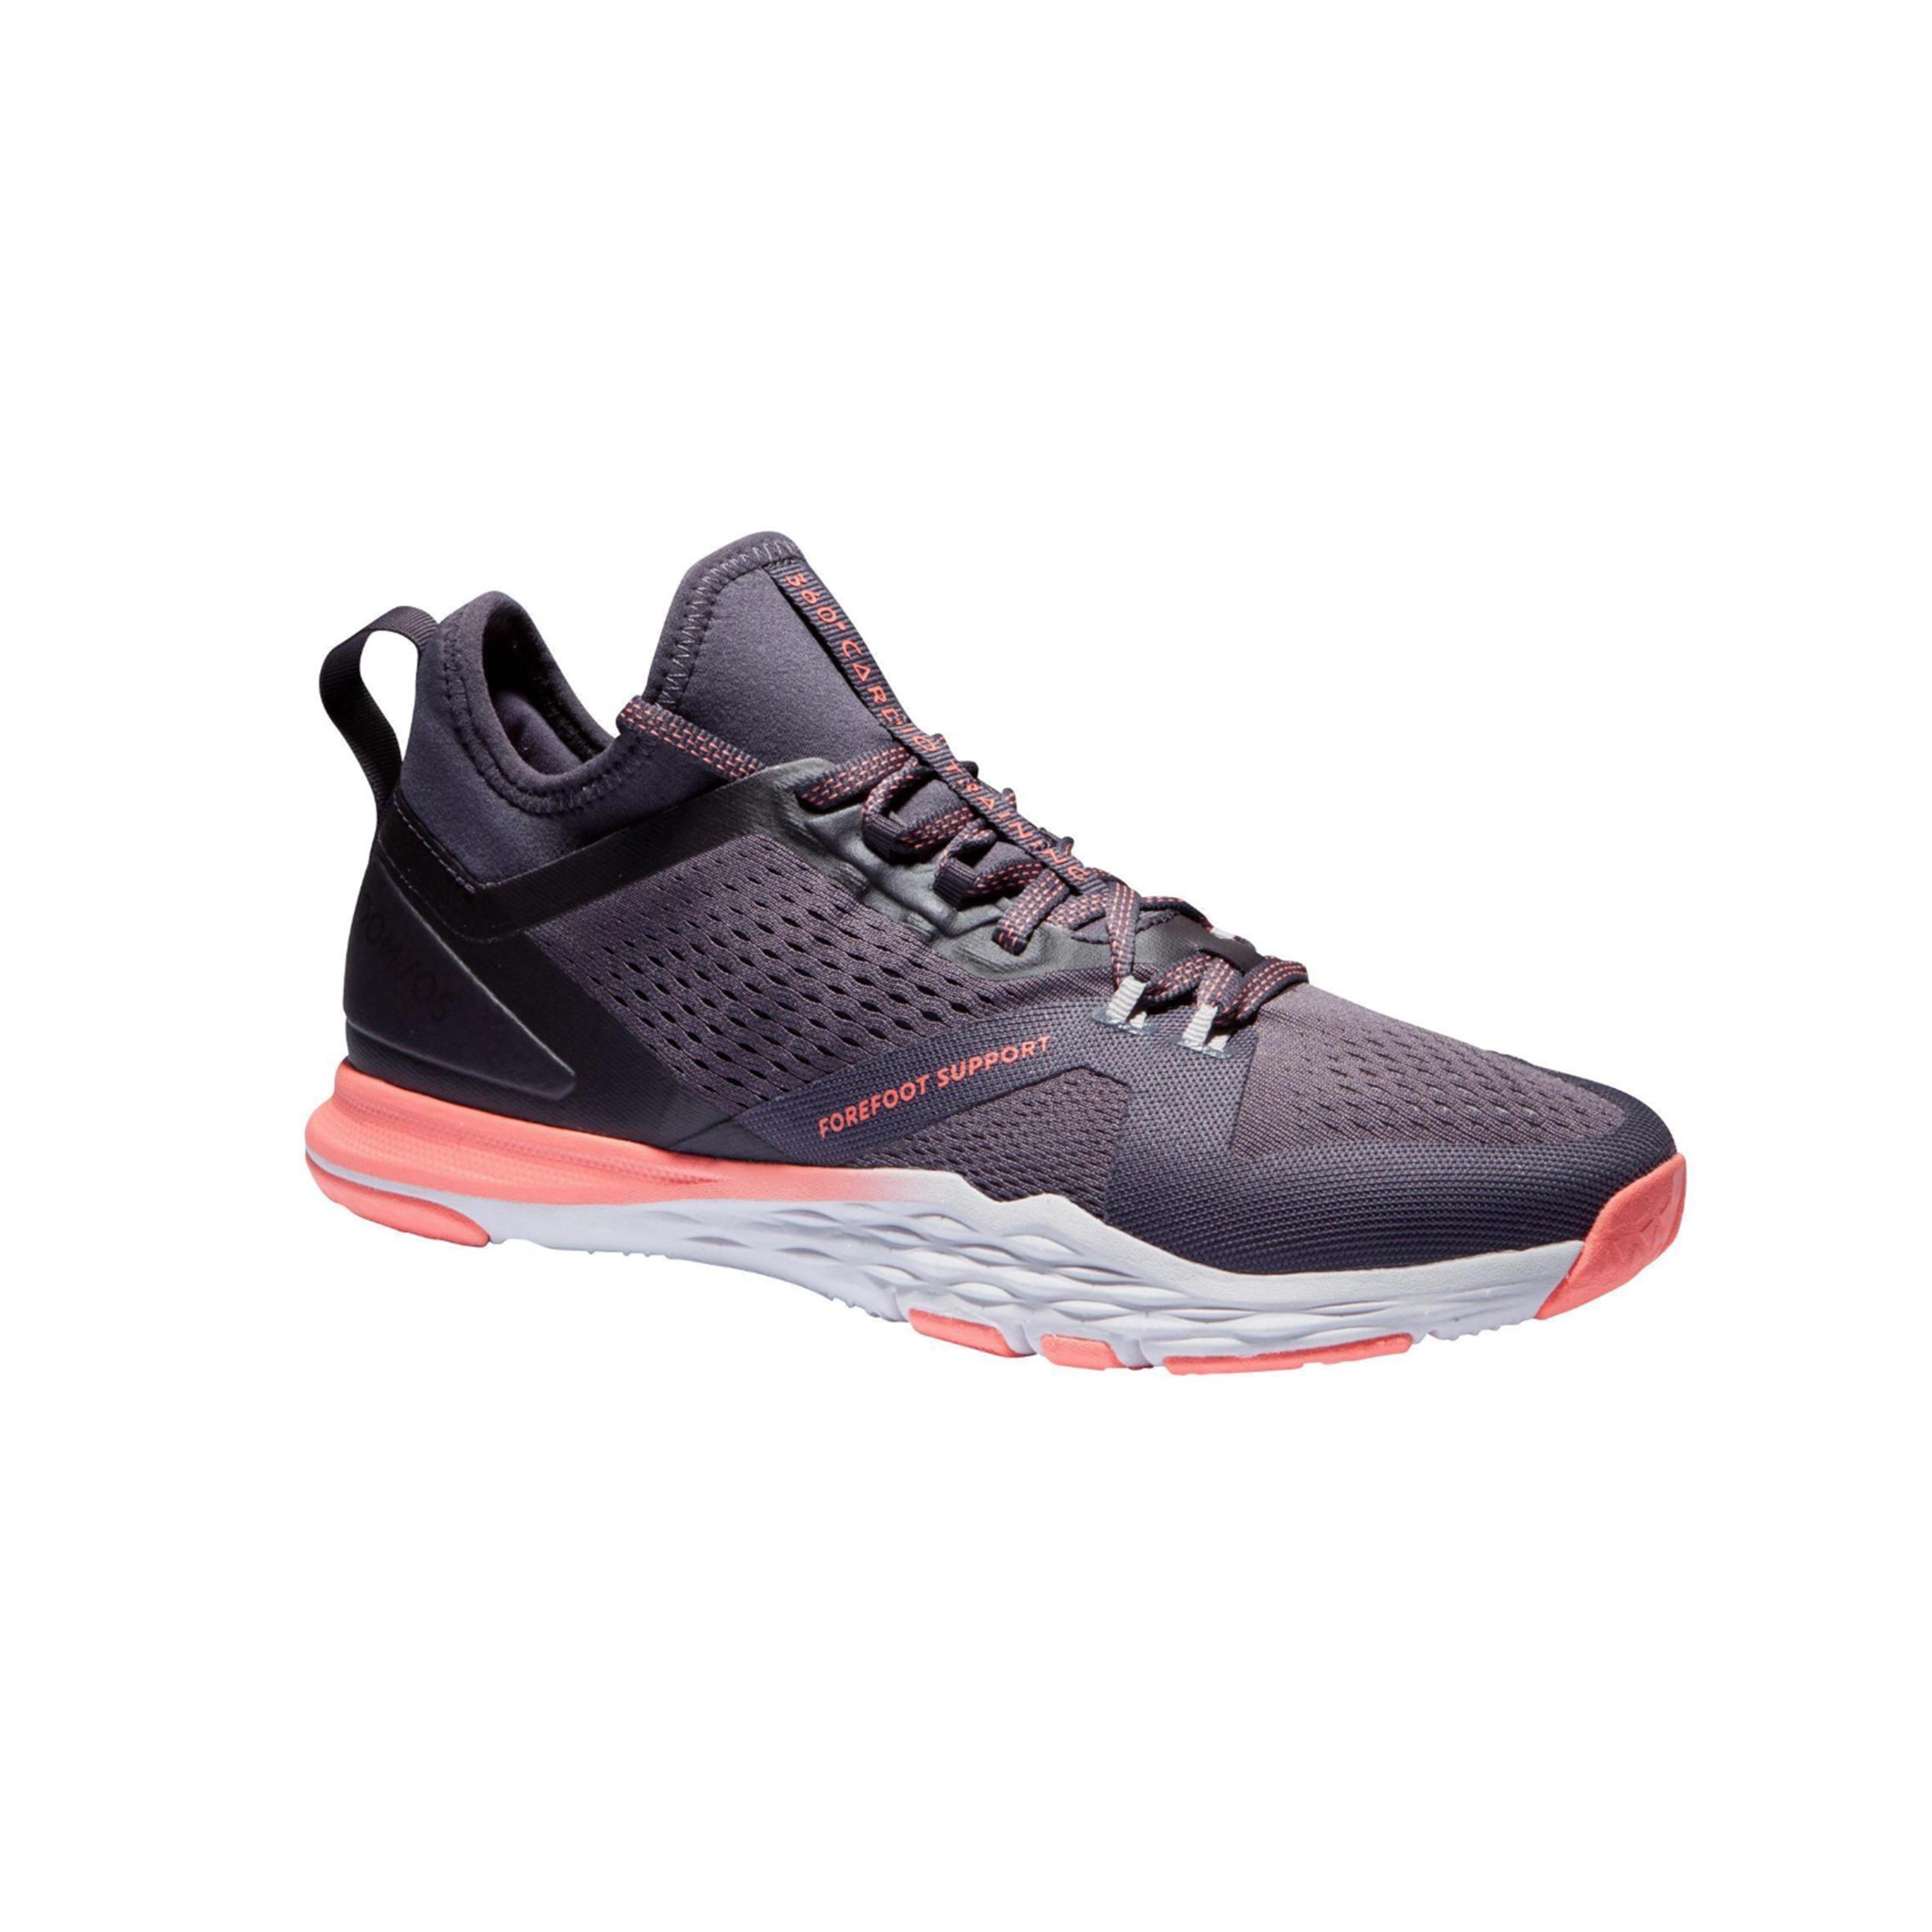 shoes920